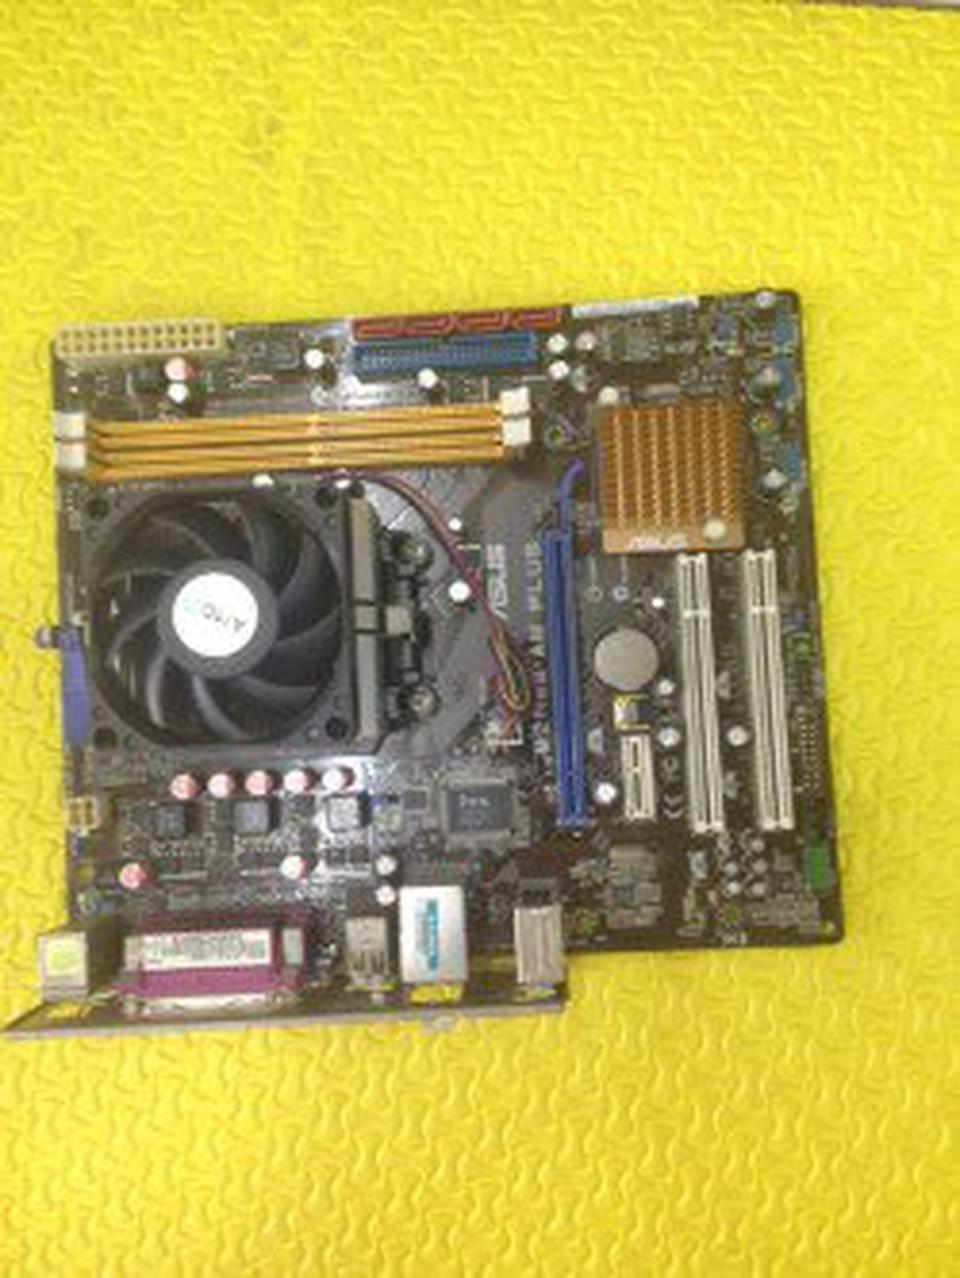 ขายเมนบอร์ด พร้อม CPU รูปที่ 4